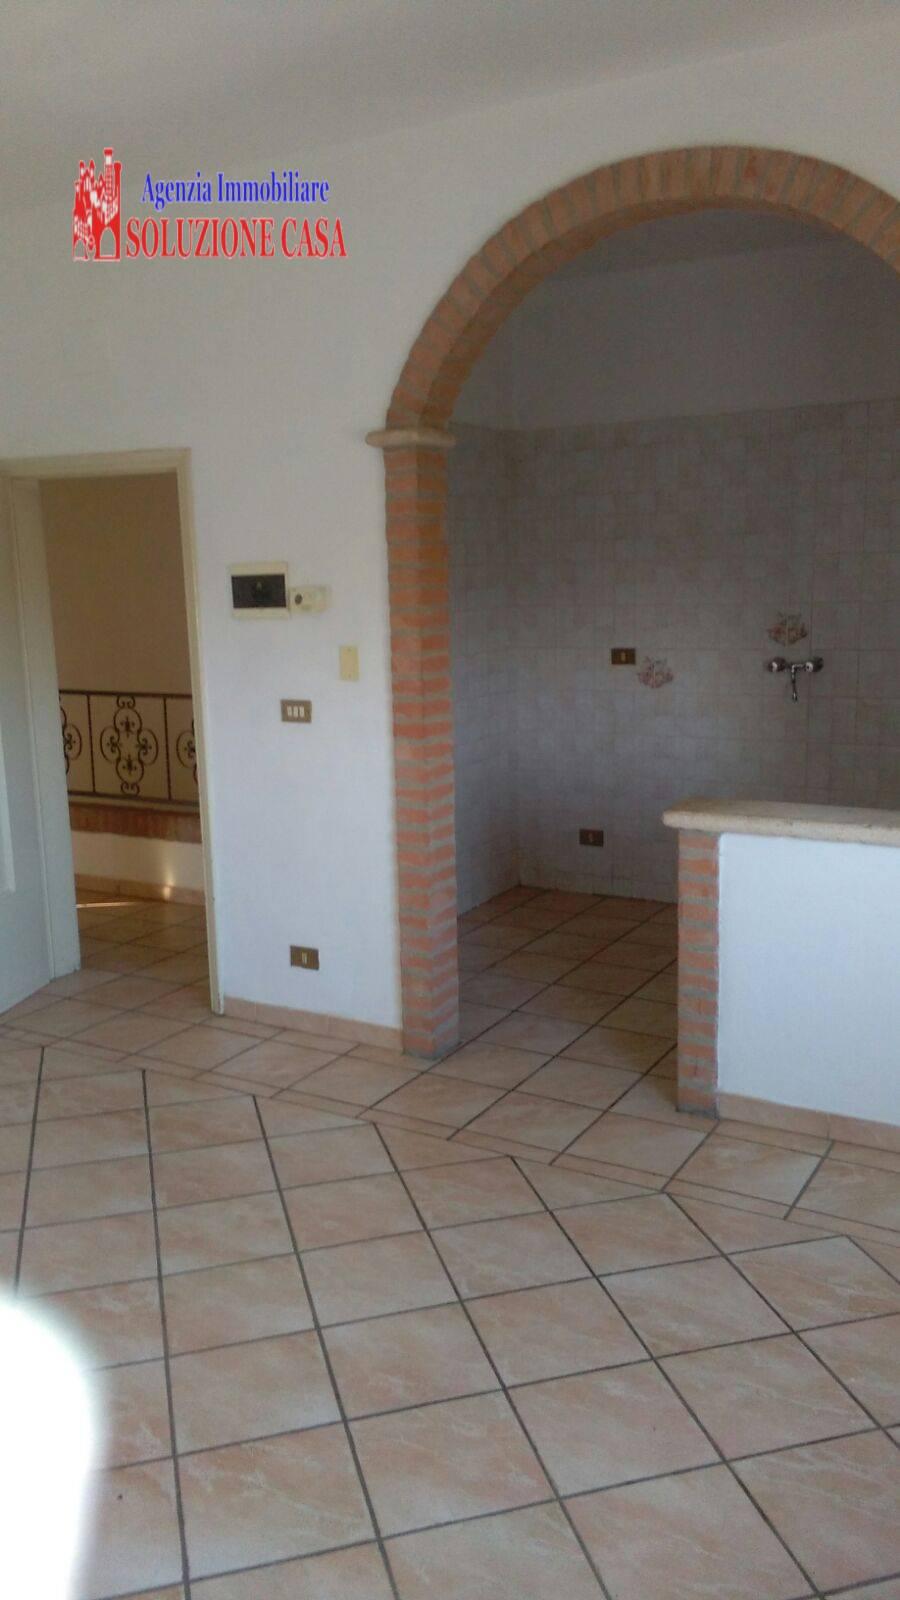 Appartamento in affitto a Vigarano Mainarda, 2 locali, prezzo € 400 | Cambio Casa.it